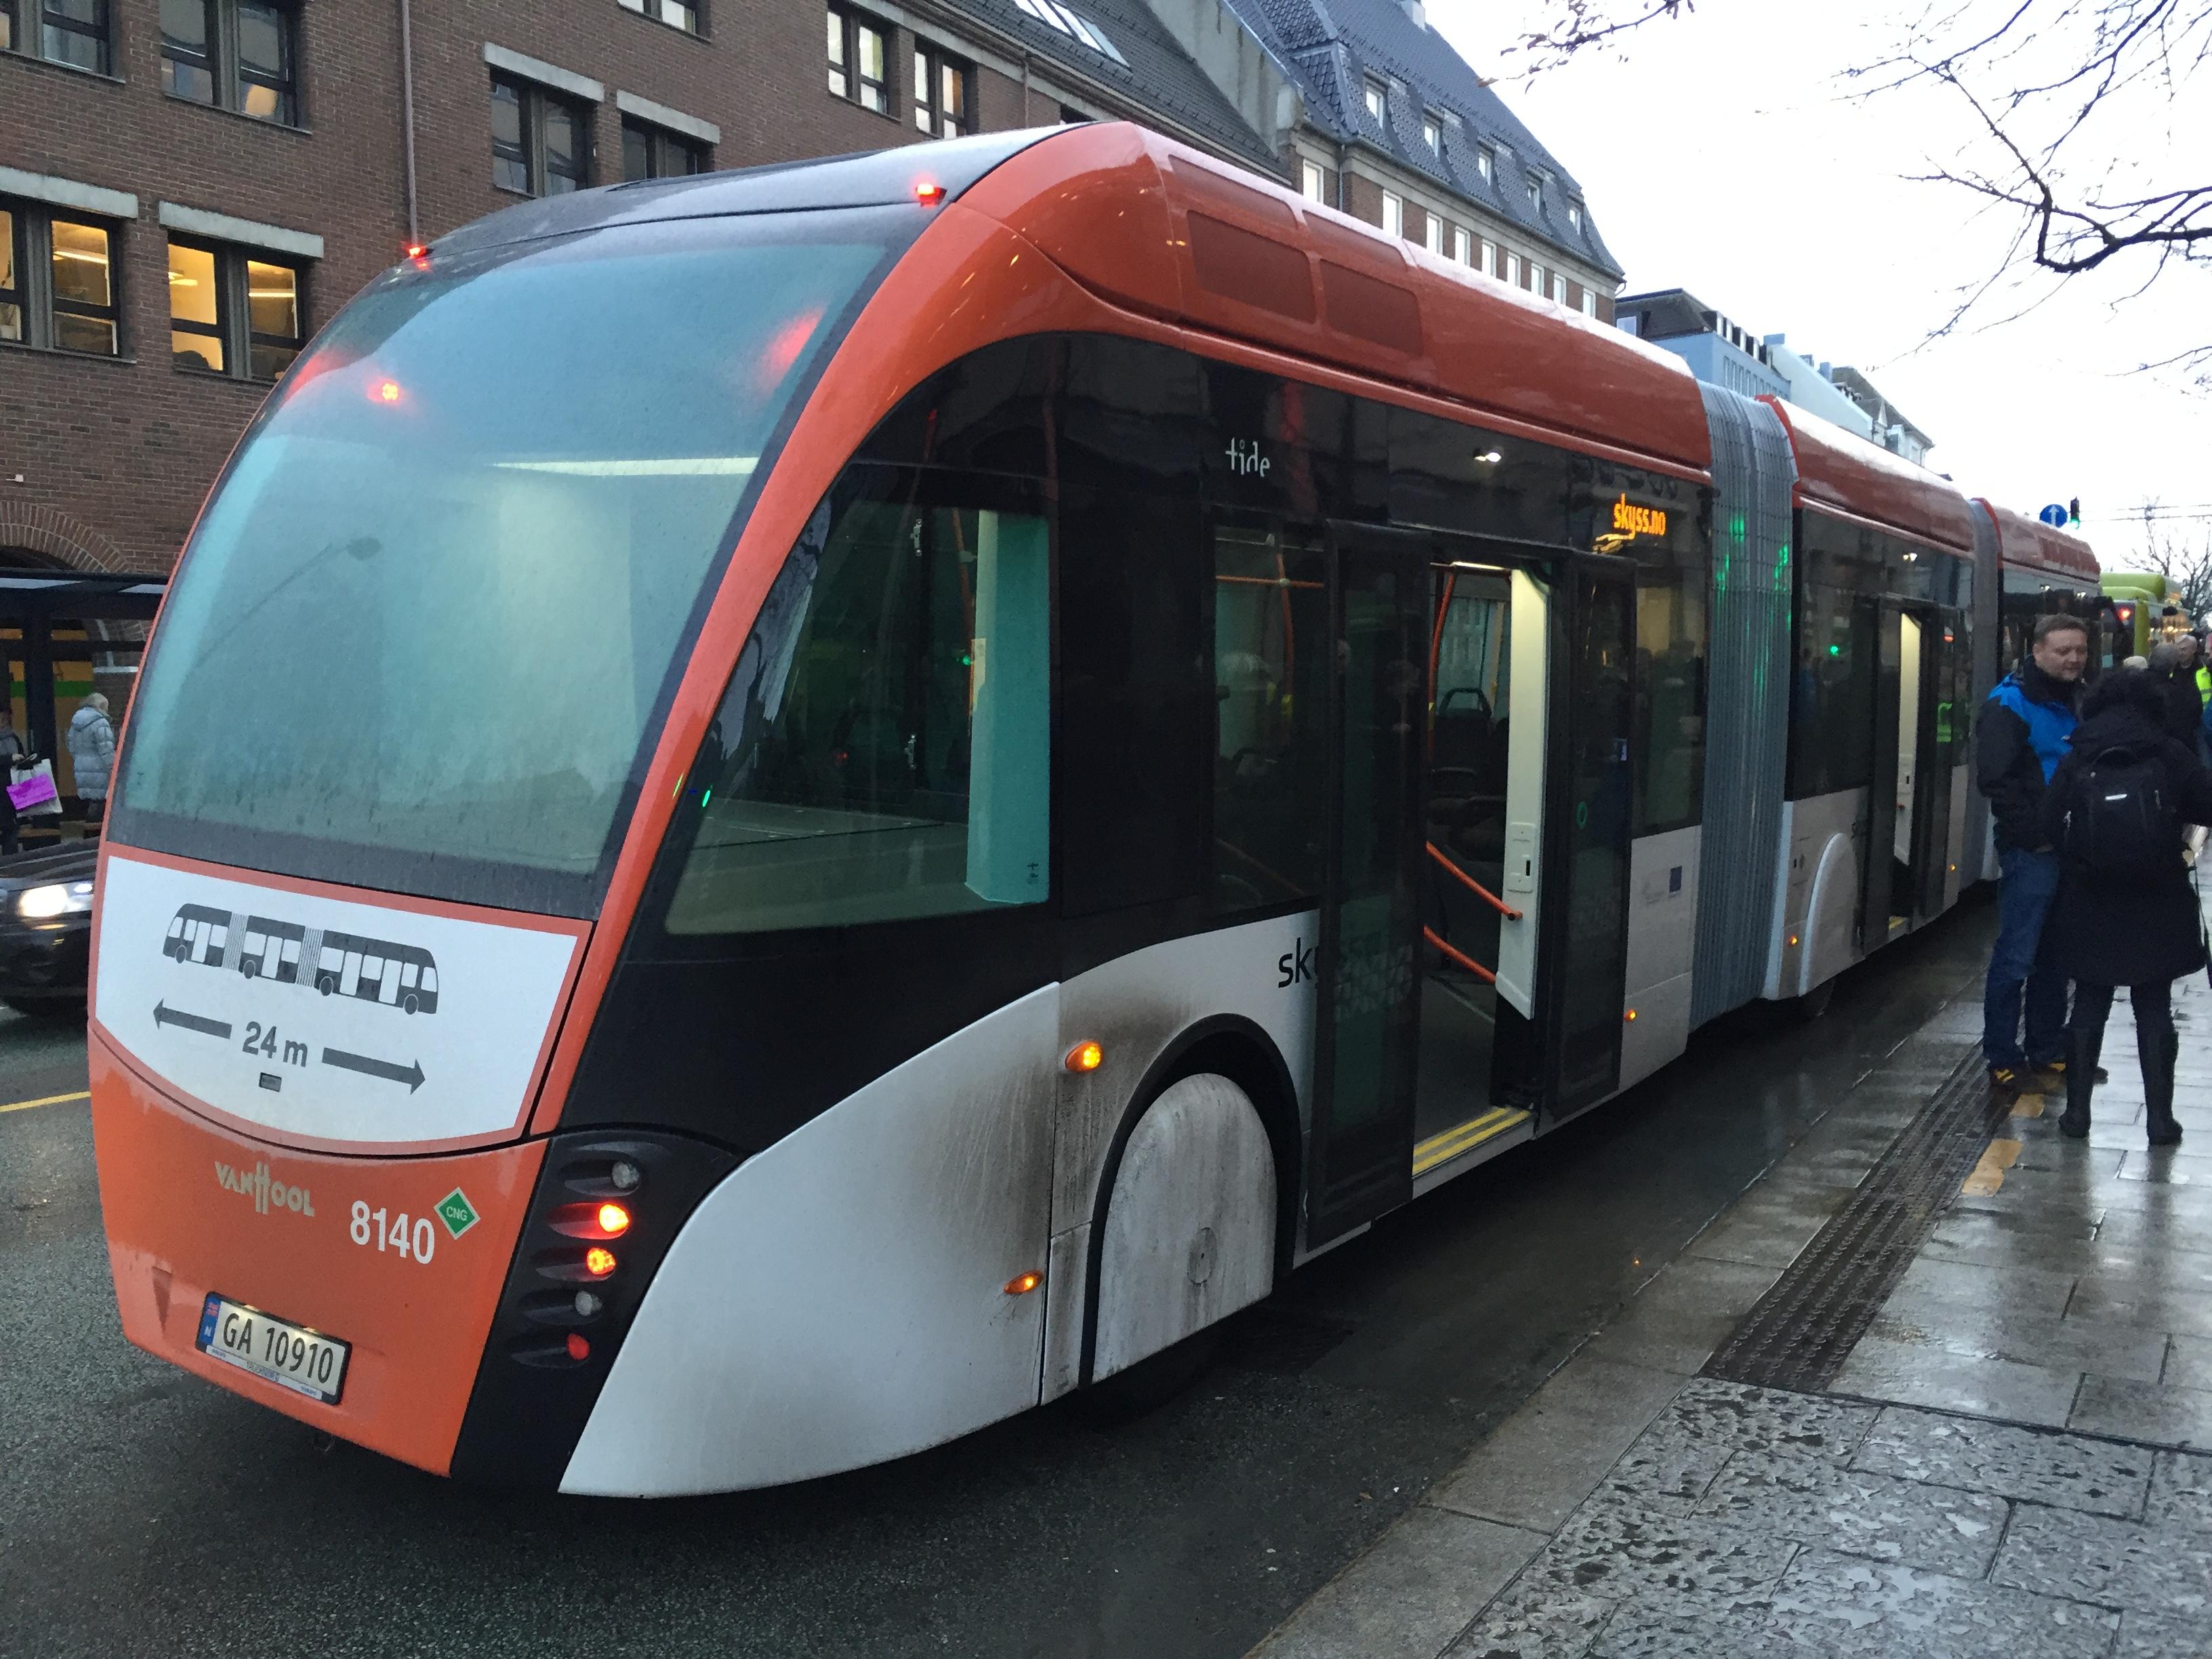 Bilde av superbuss av typen Van Hool